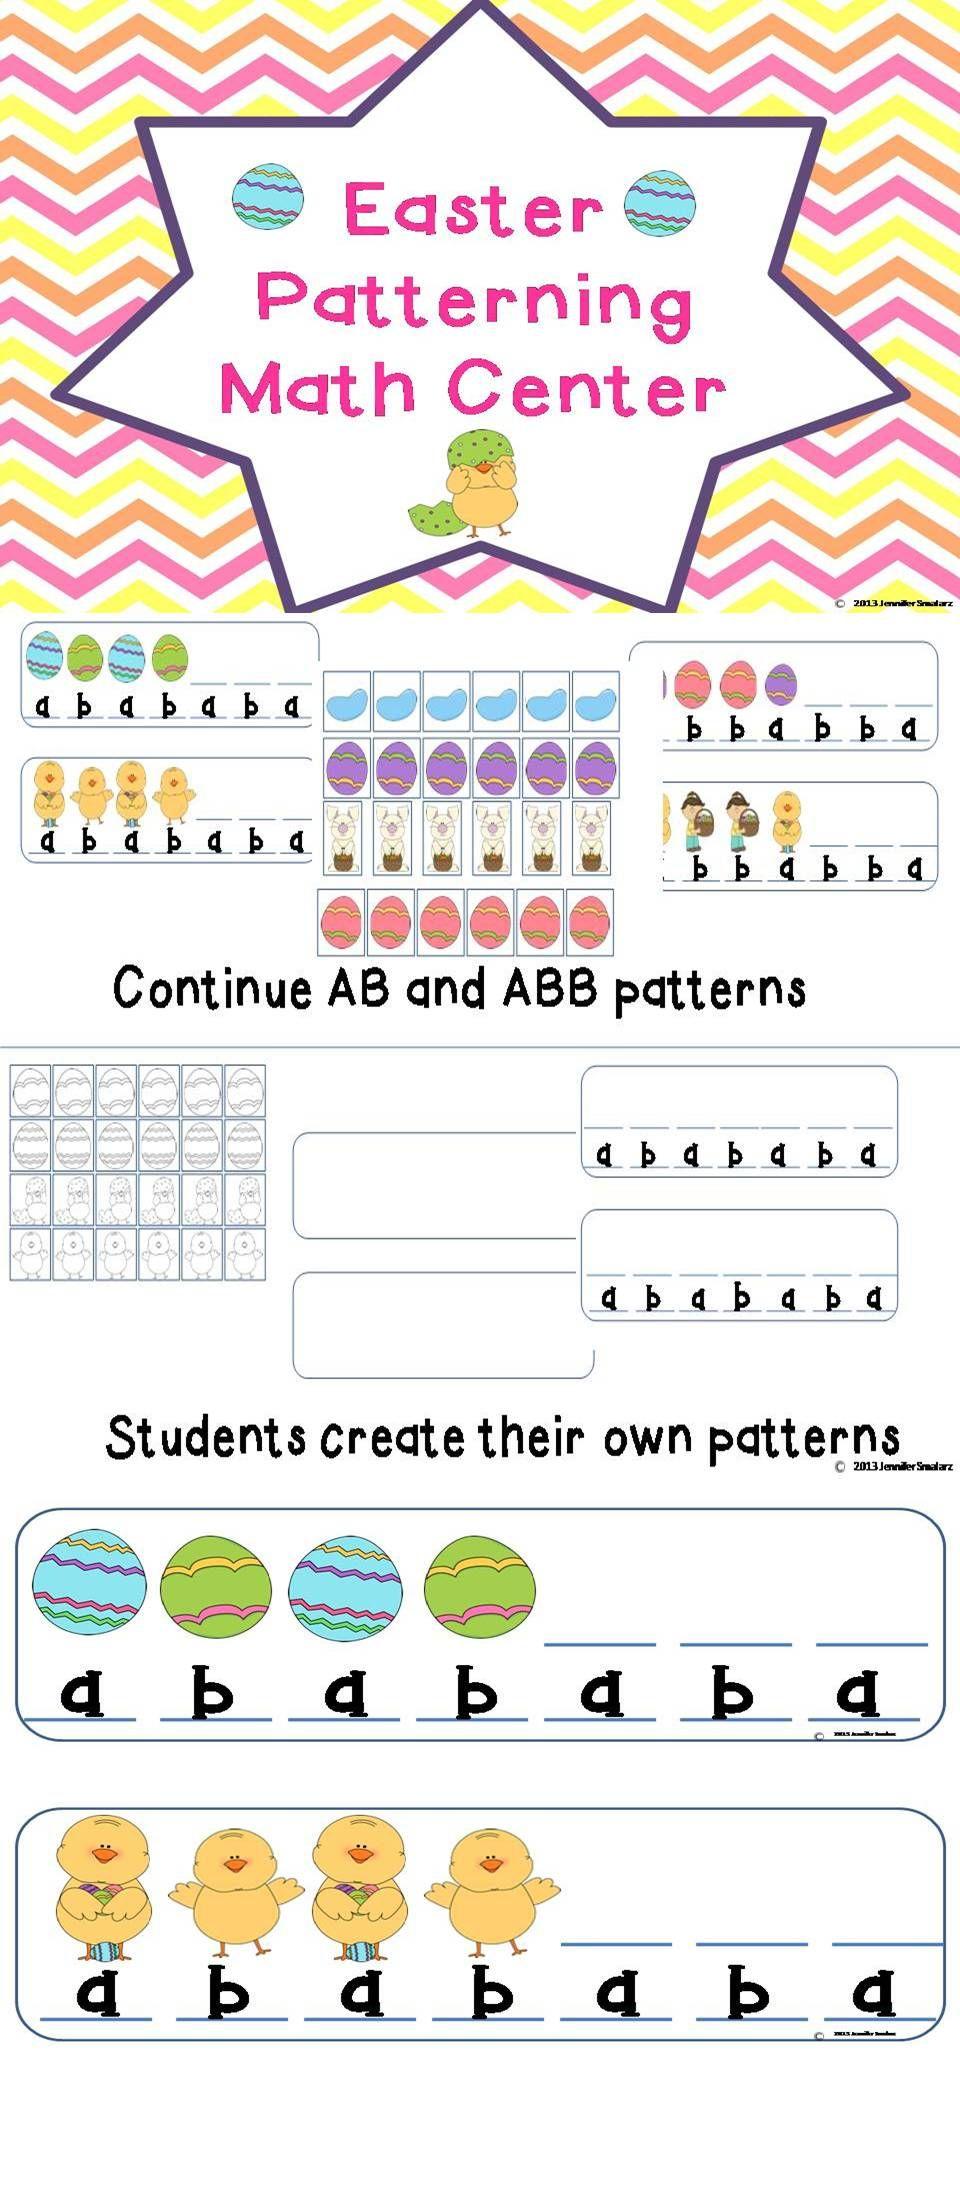 Easter Patterning Math Center Math Center Math Easter Math [ 2208 x 960 Pixel ]